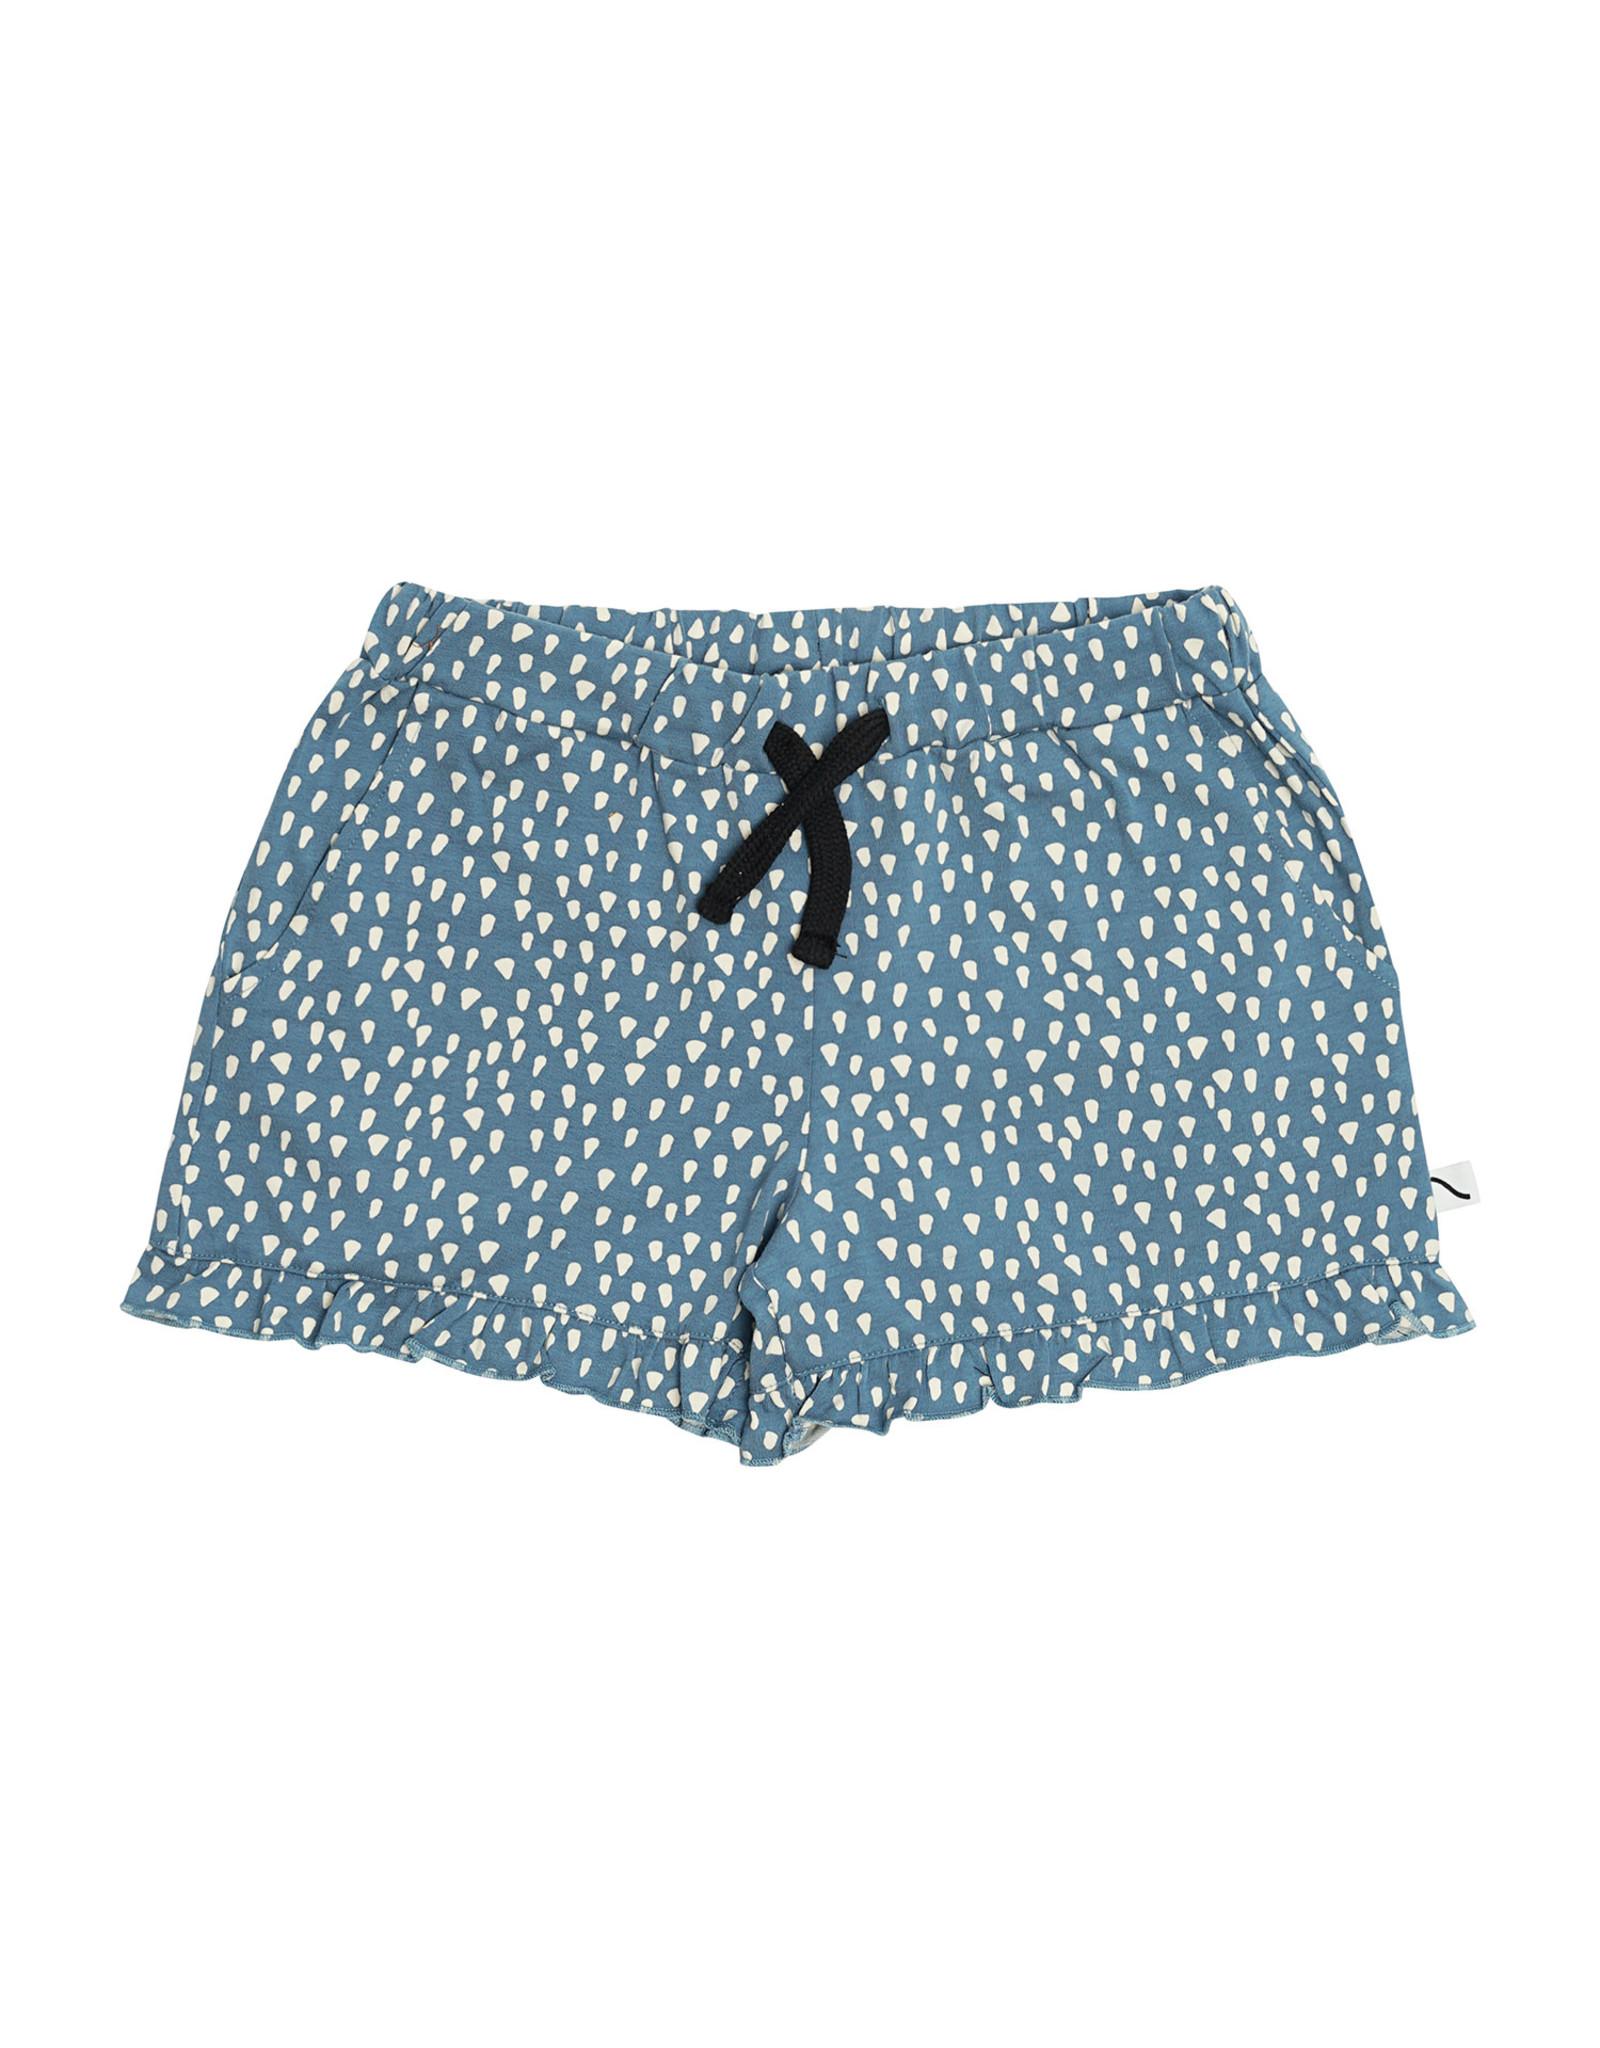 Carlijn Q Carlijn Q Petrol Sparkles - Ruffled Shorts